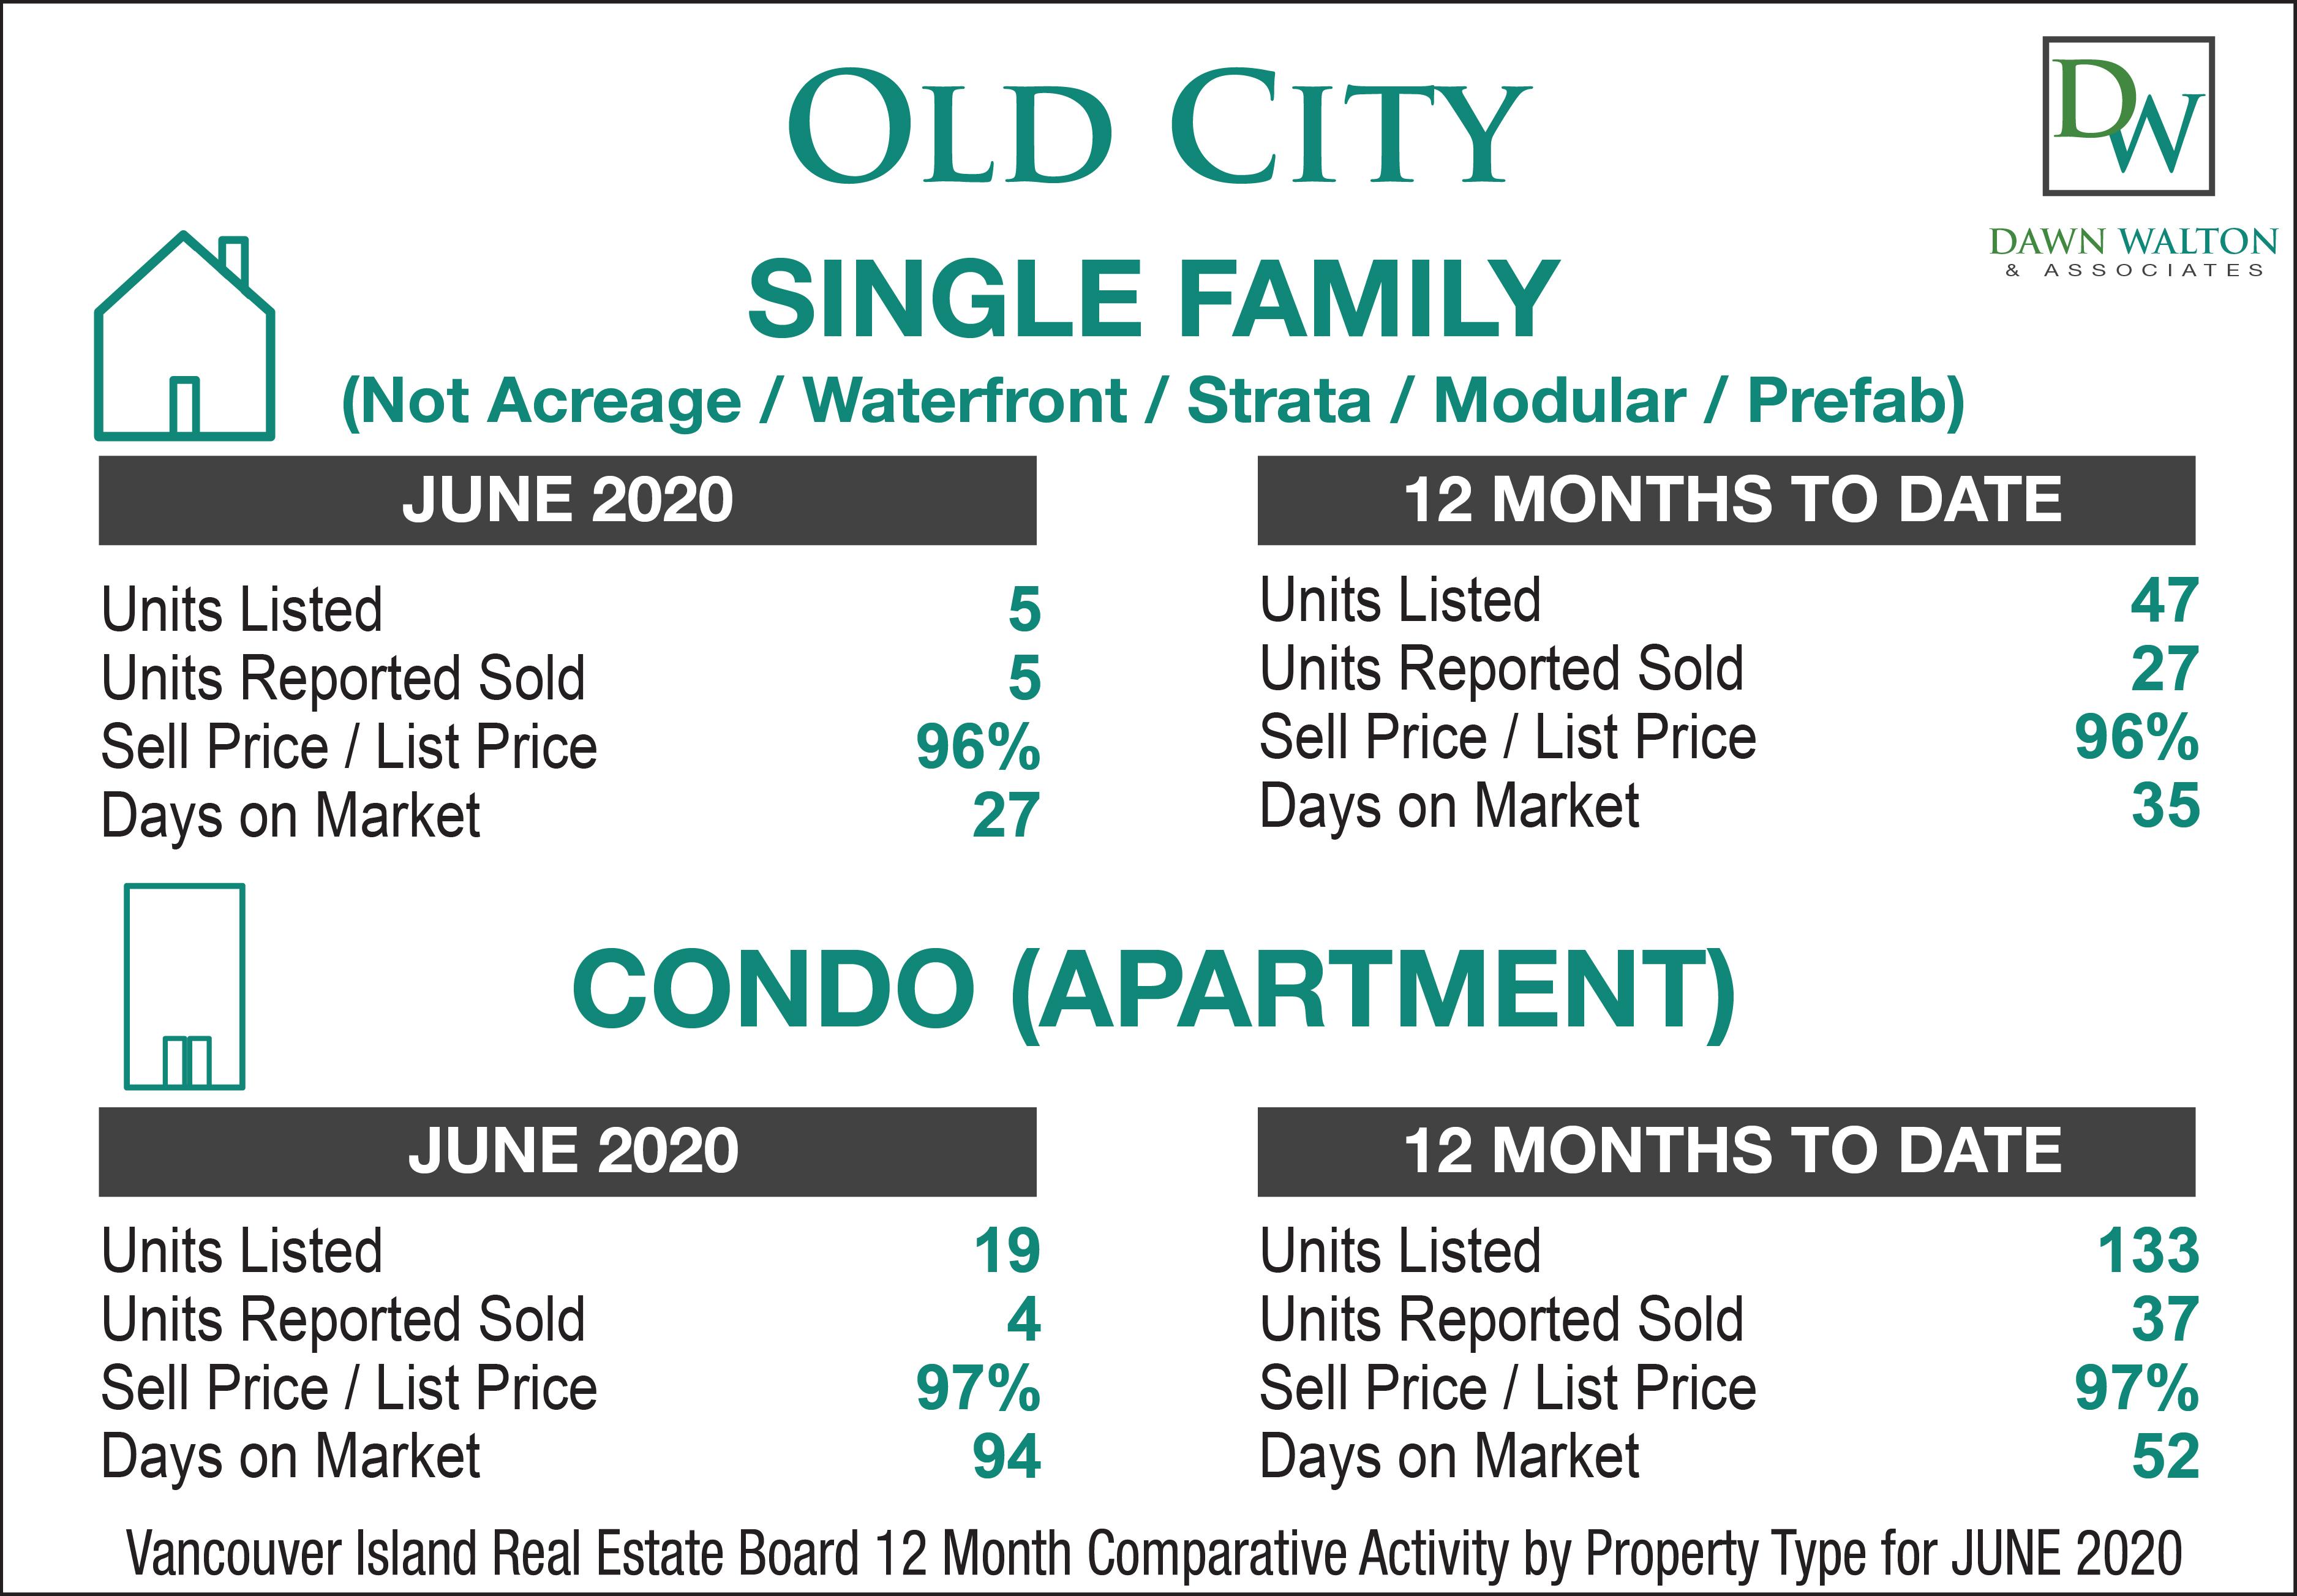 Old City Real Estate Market Stats June 2020 - Nanaimo Realtor Dawn Walton